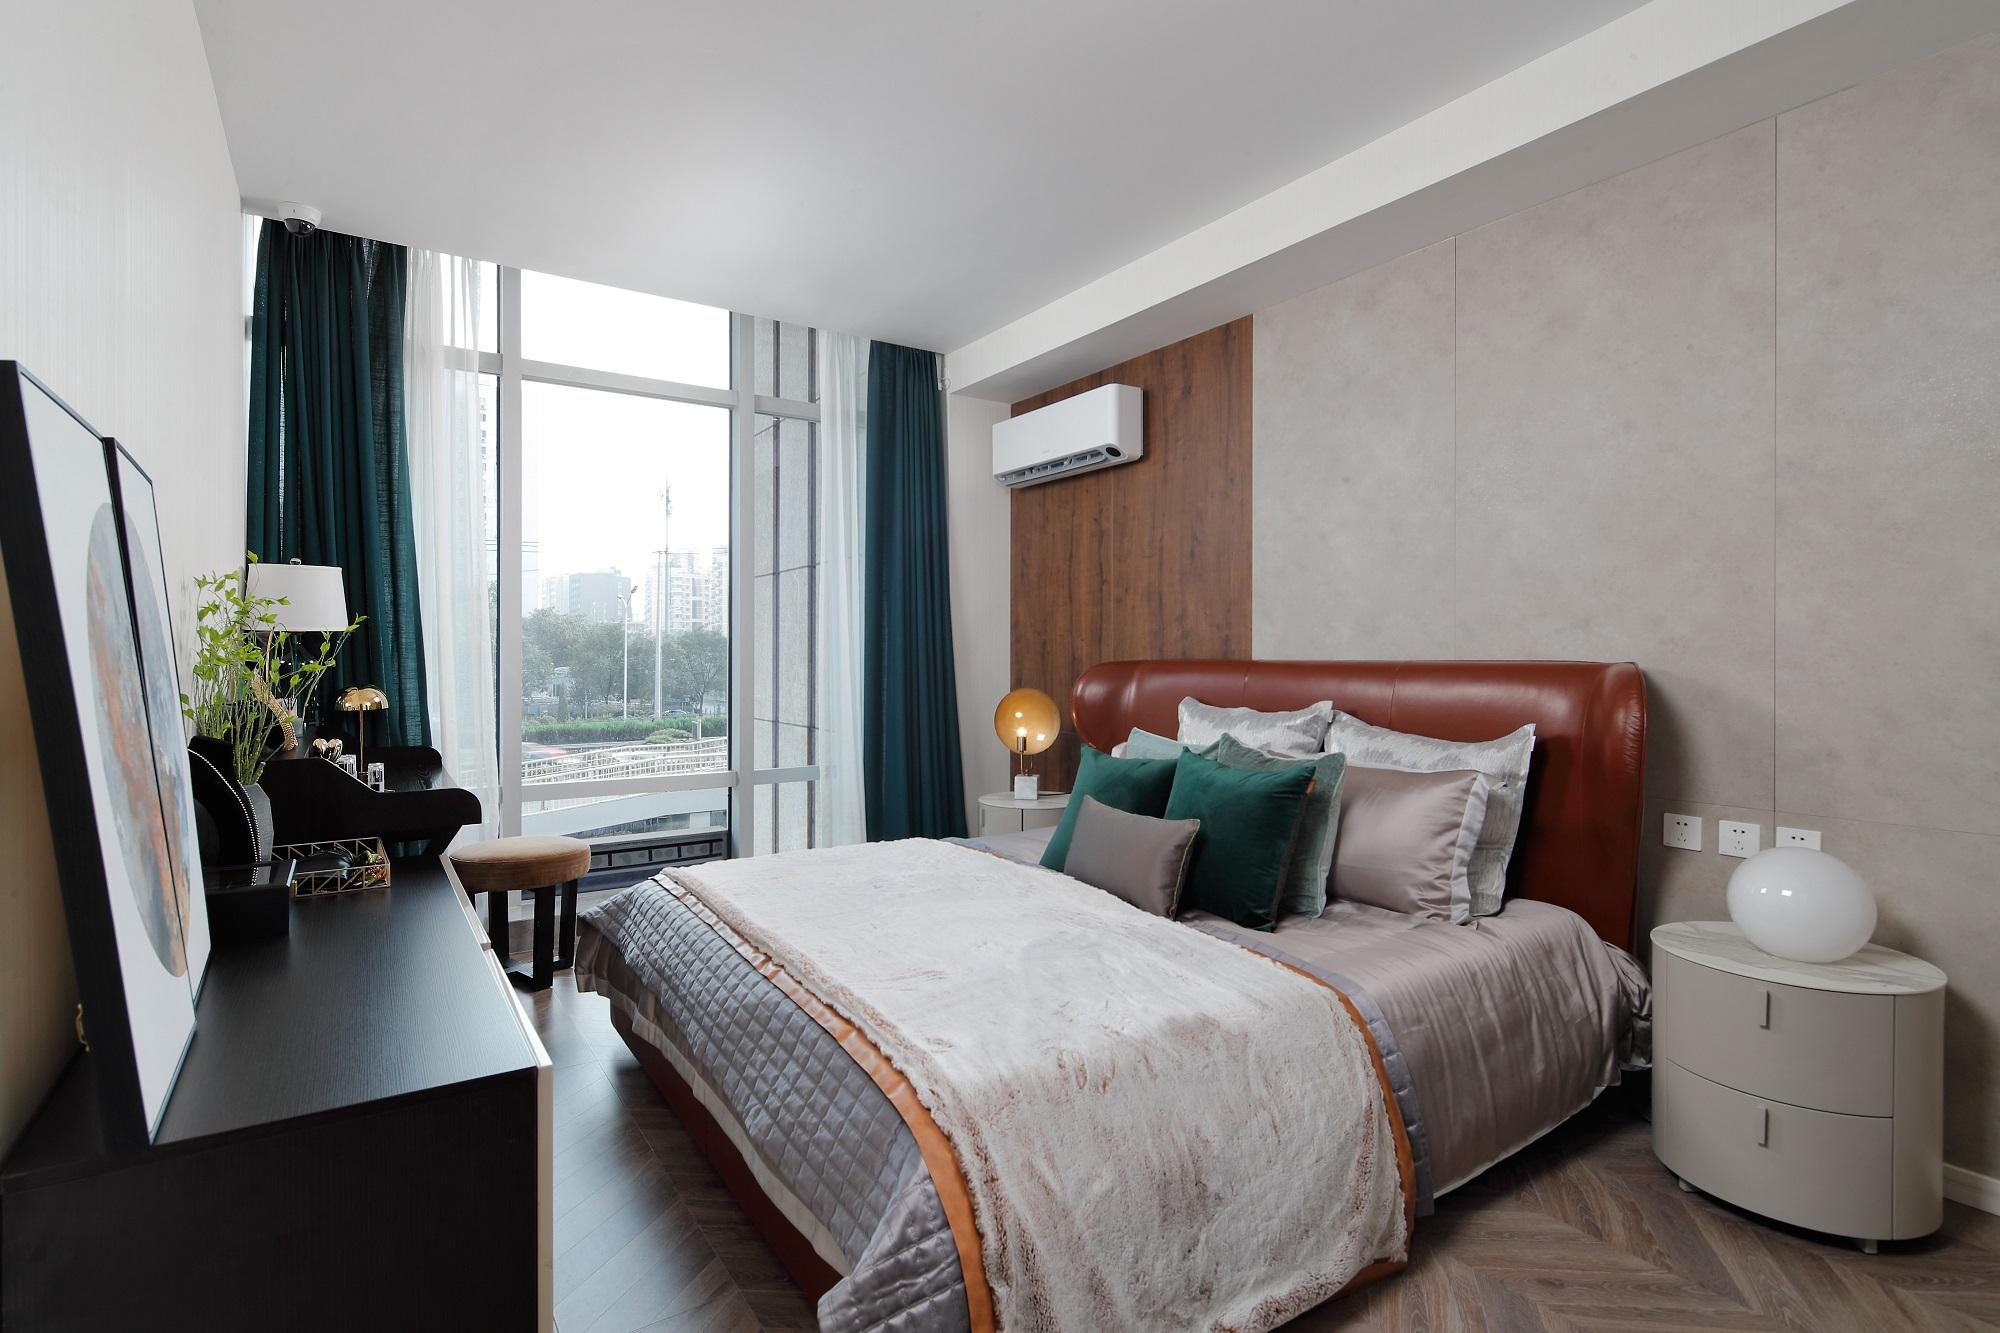 在卧室中加入了木质元素,轻奢风与木饰面的碰撞,温润自然,无不透露着轻奢风的低调奢华。